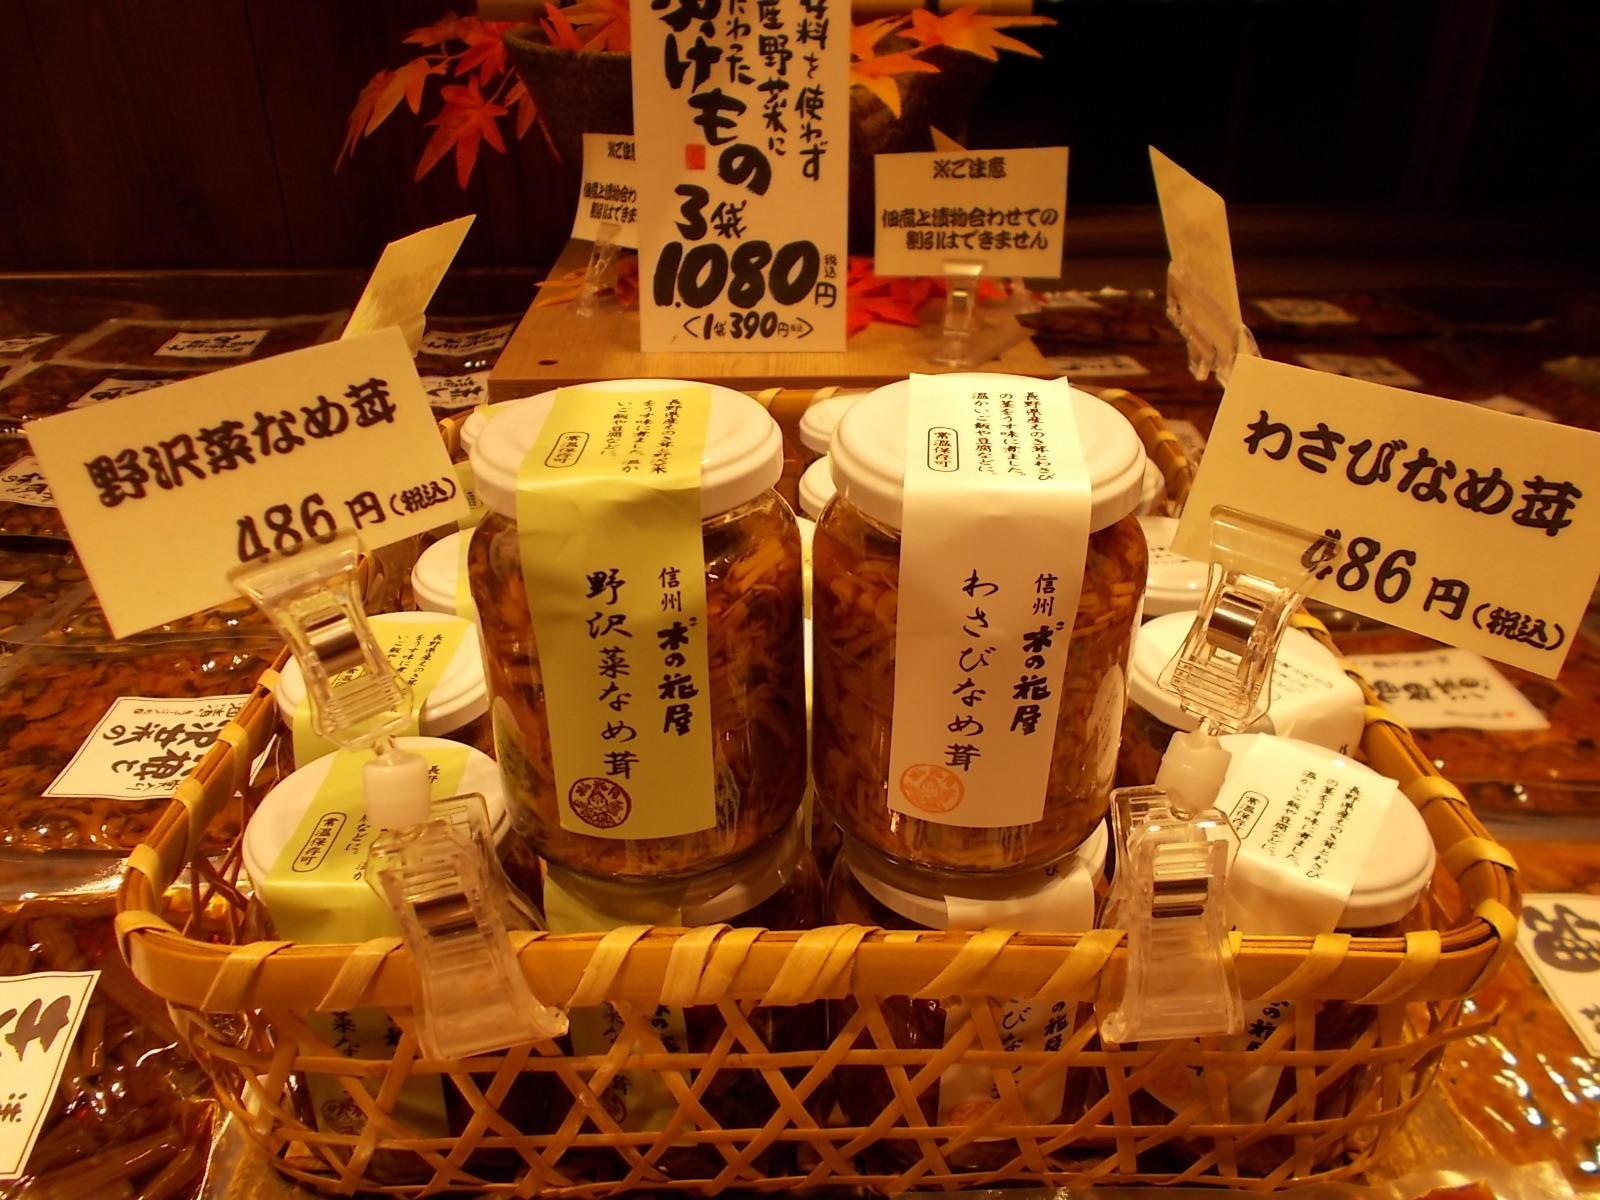 新商品♪野沢菜なめ茸、わさびなめ茸入荷しました。